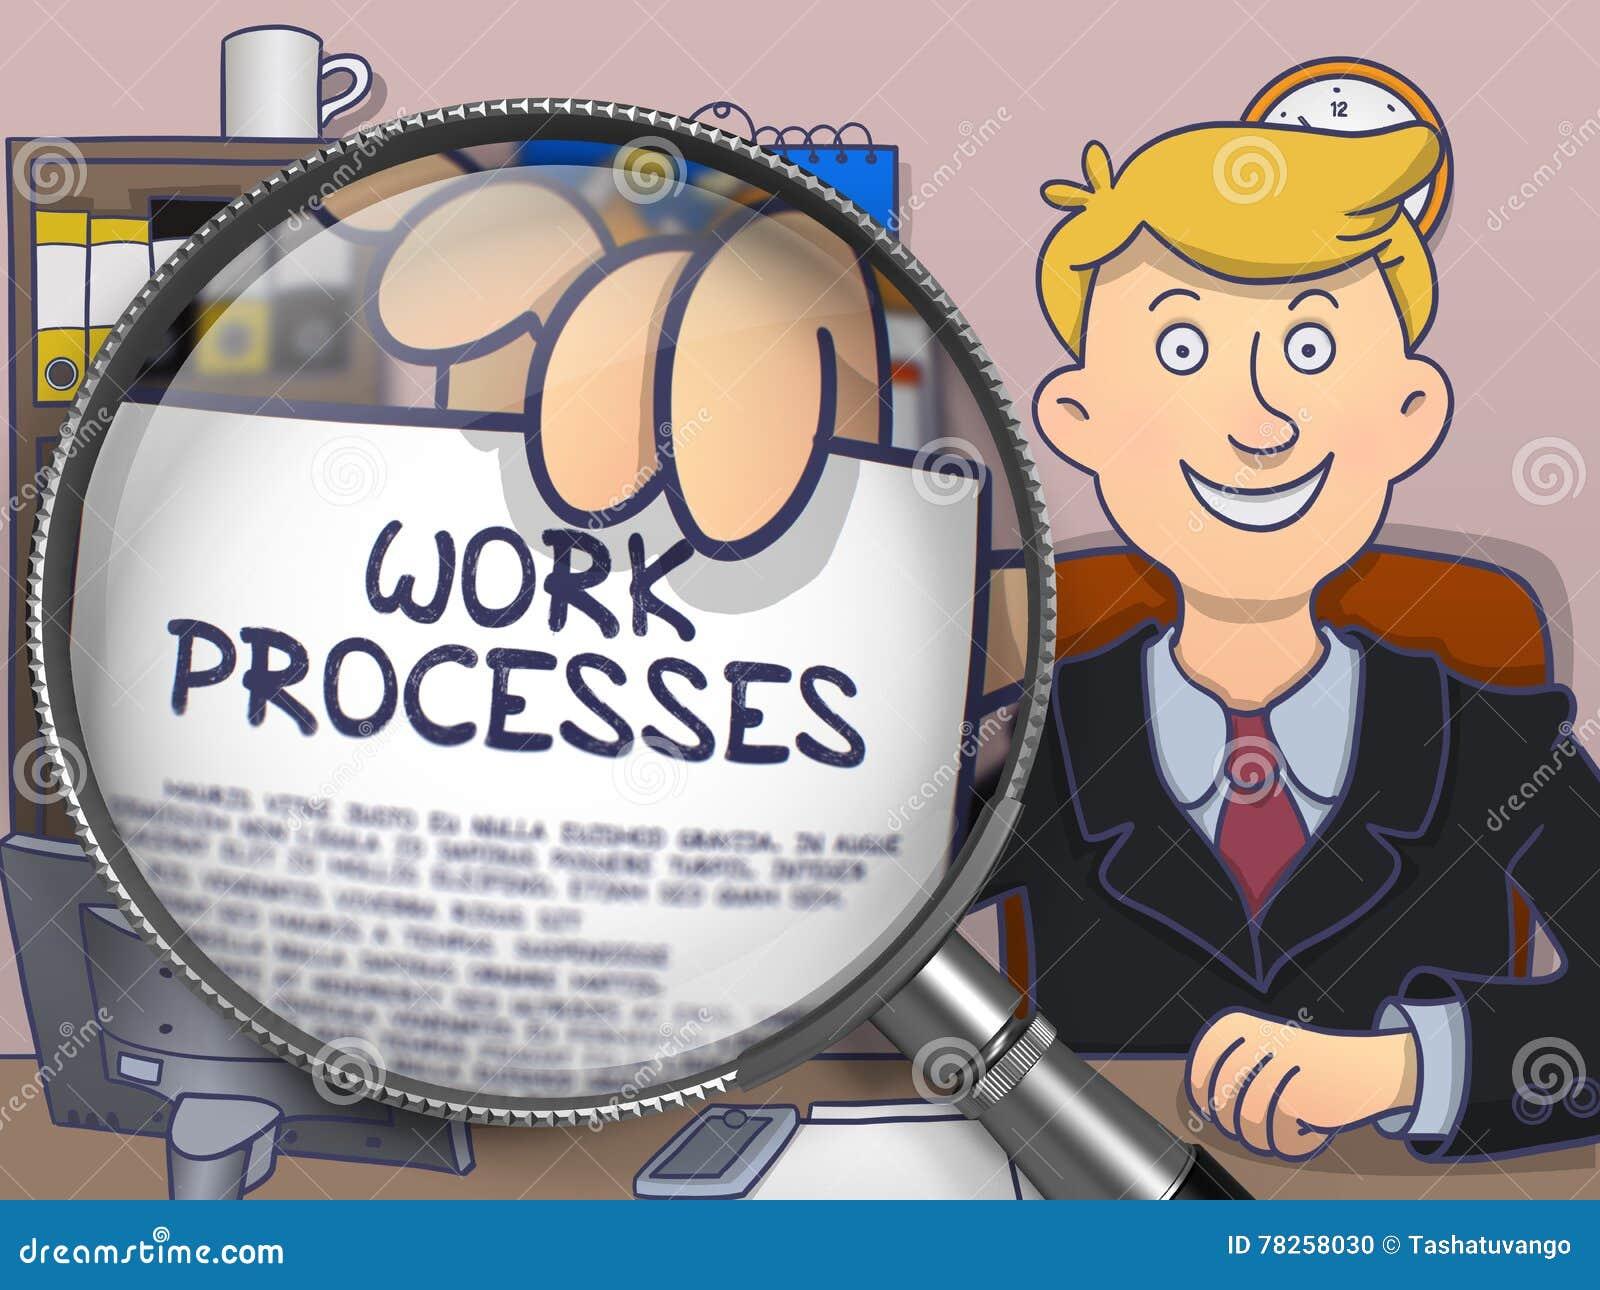 Διαδικασίες εργασίας μέσω της ενίσχυσης - γυαλί Σχέδιο Doodle